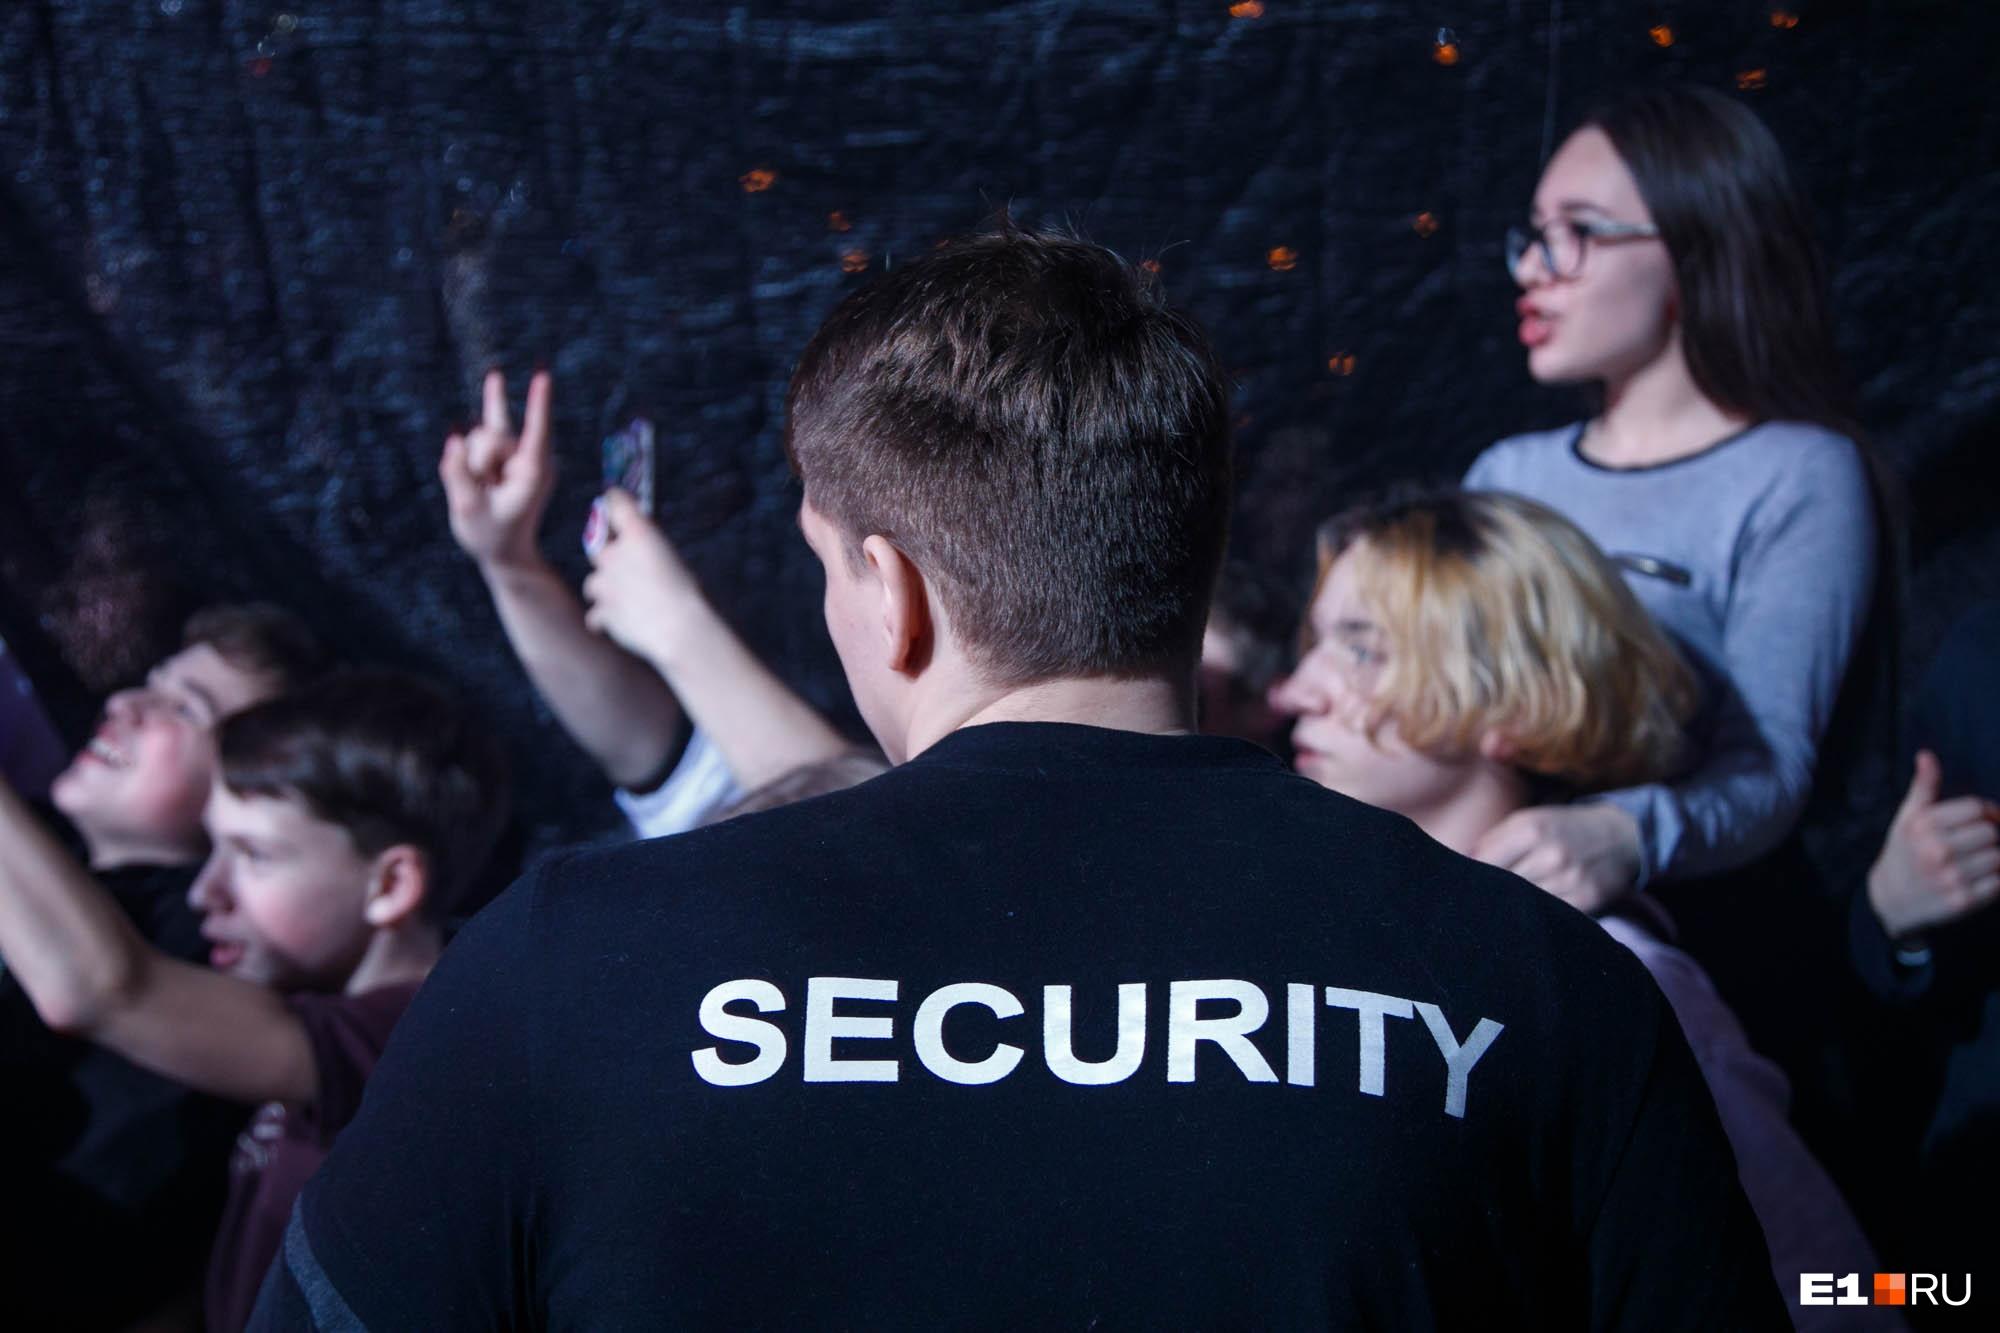 Благодаря усилиям охраны напор толпы удалось сдержать